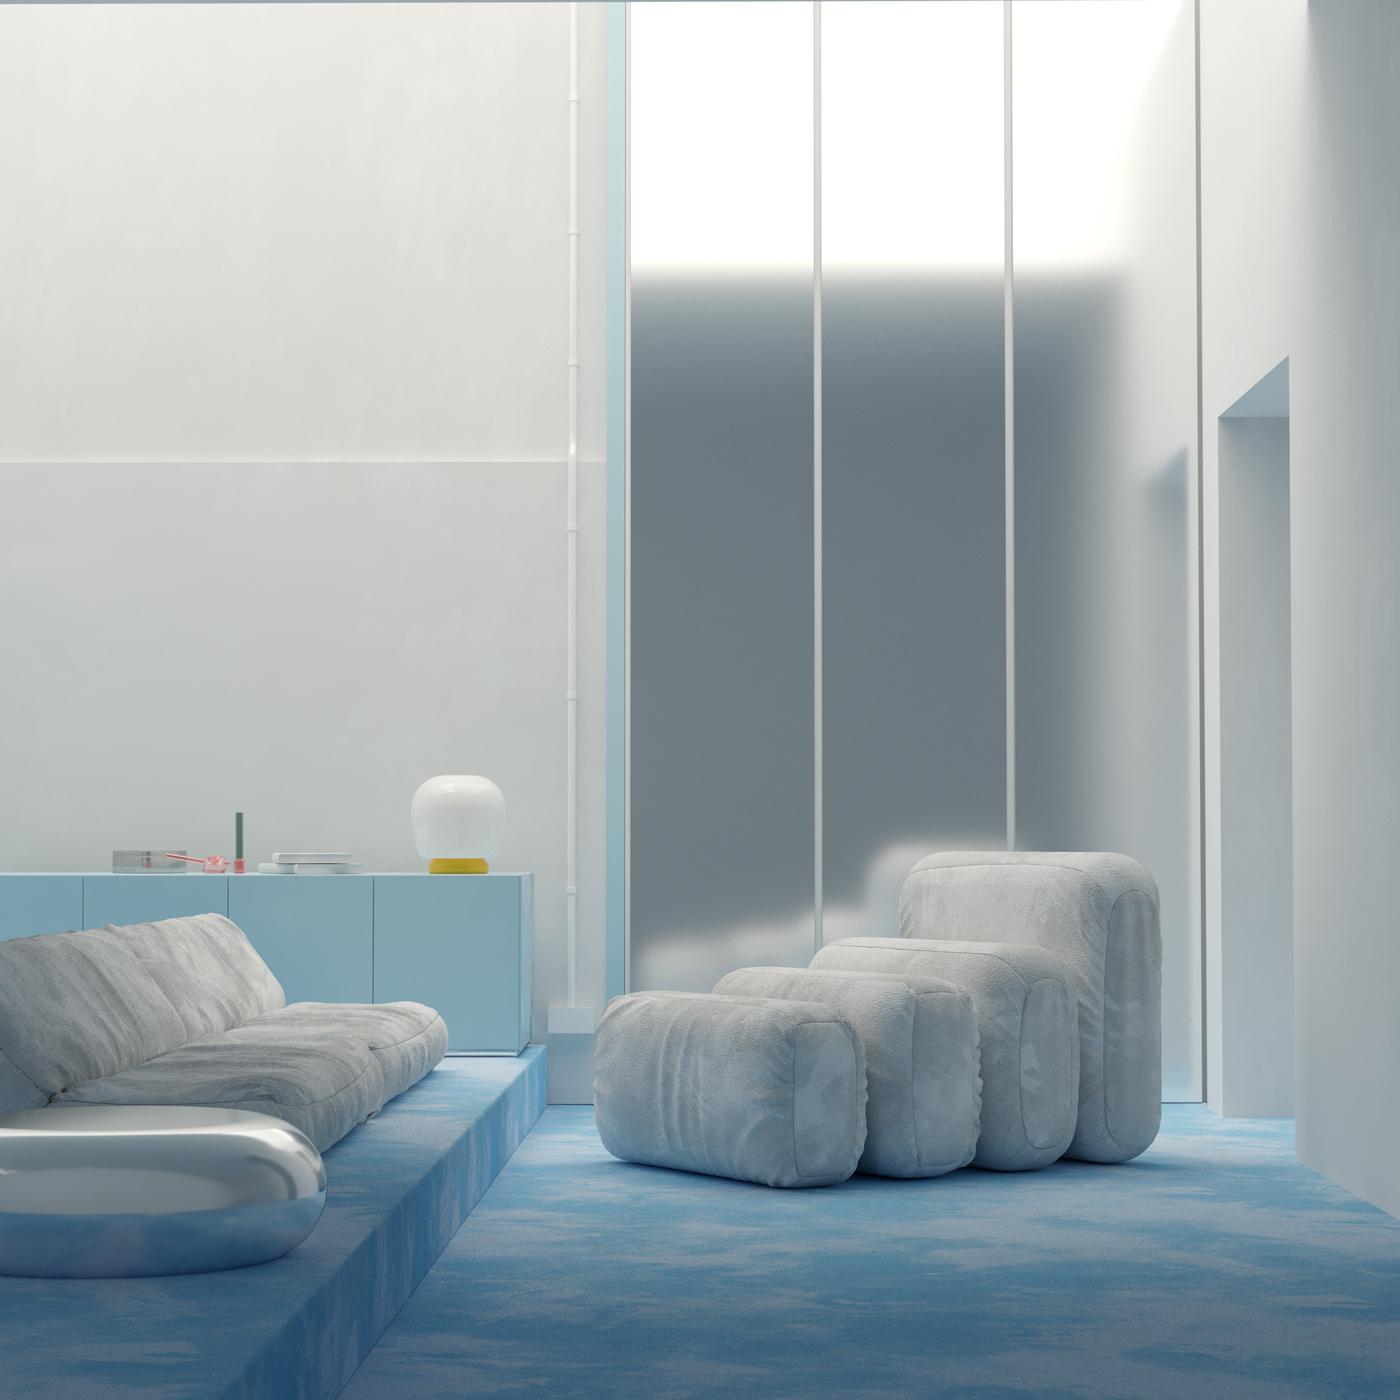 Tetra Rooms